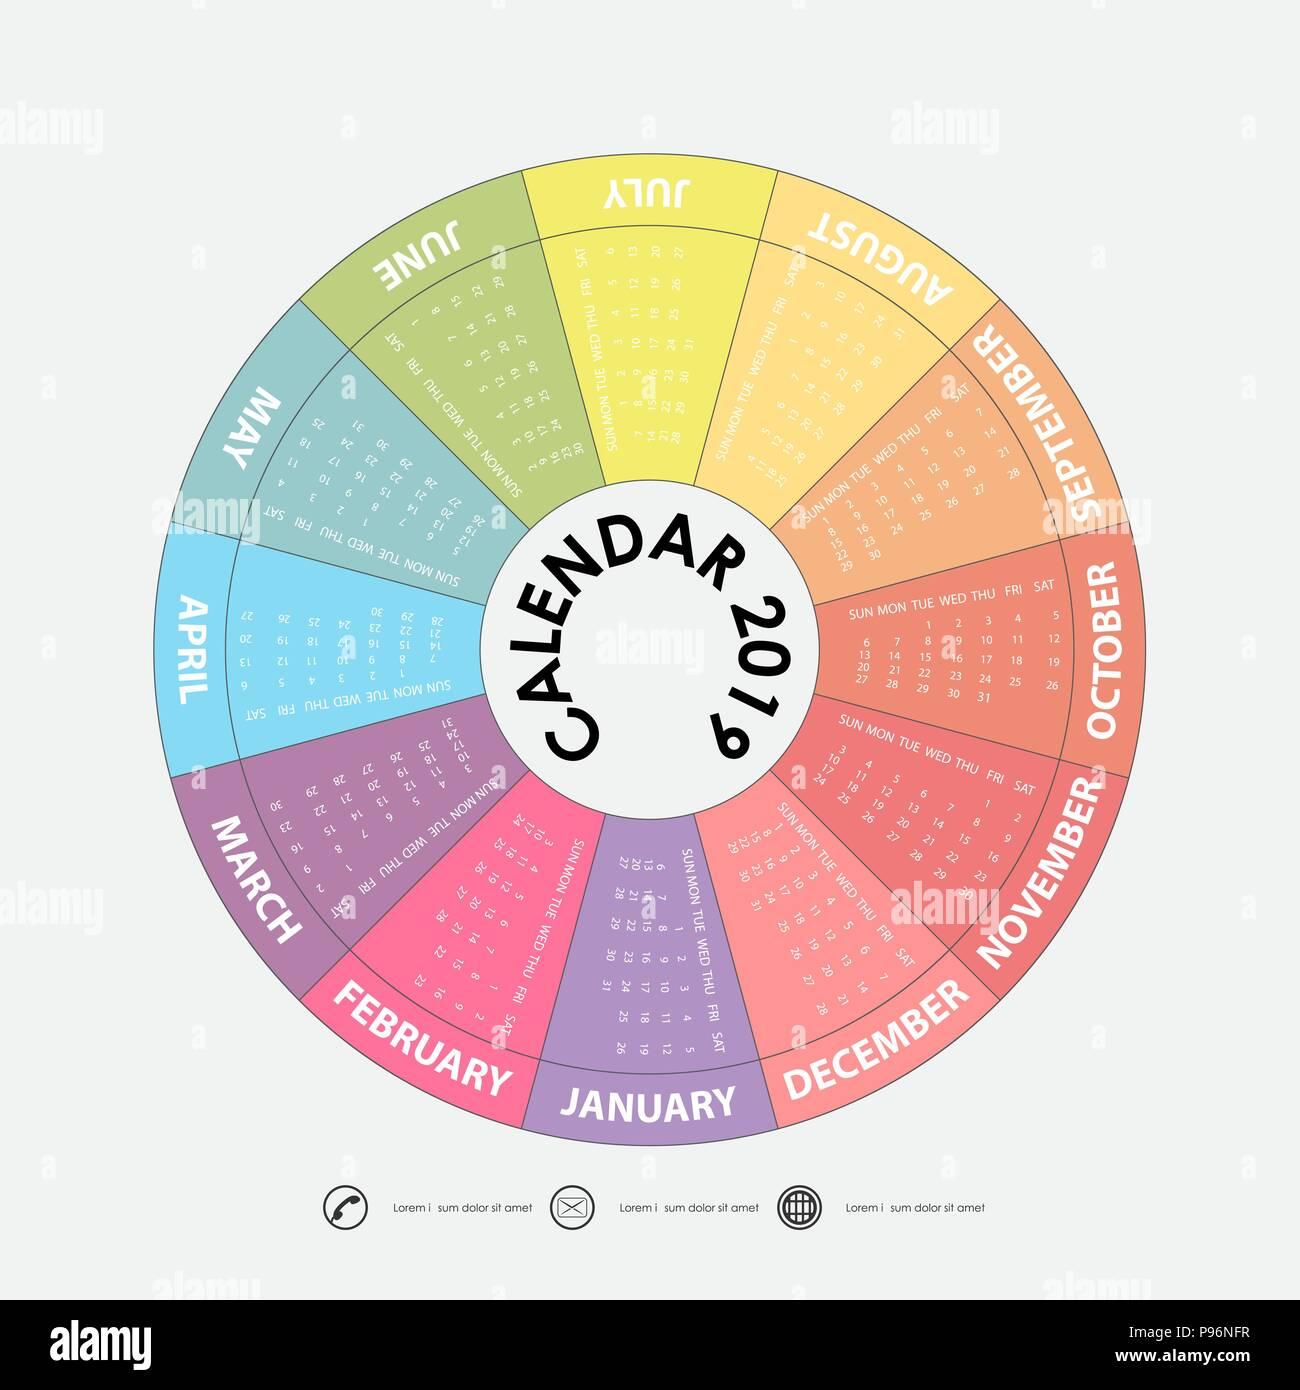 Nfr Calendar.2019 Calendar Template Circle Calendar Template Calendar 2019 Set Of